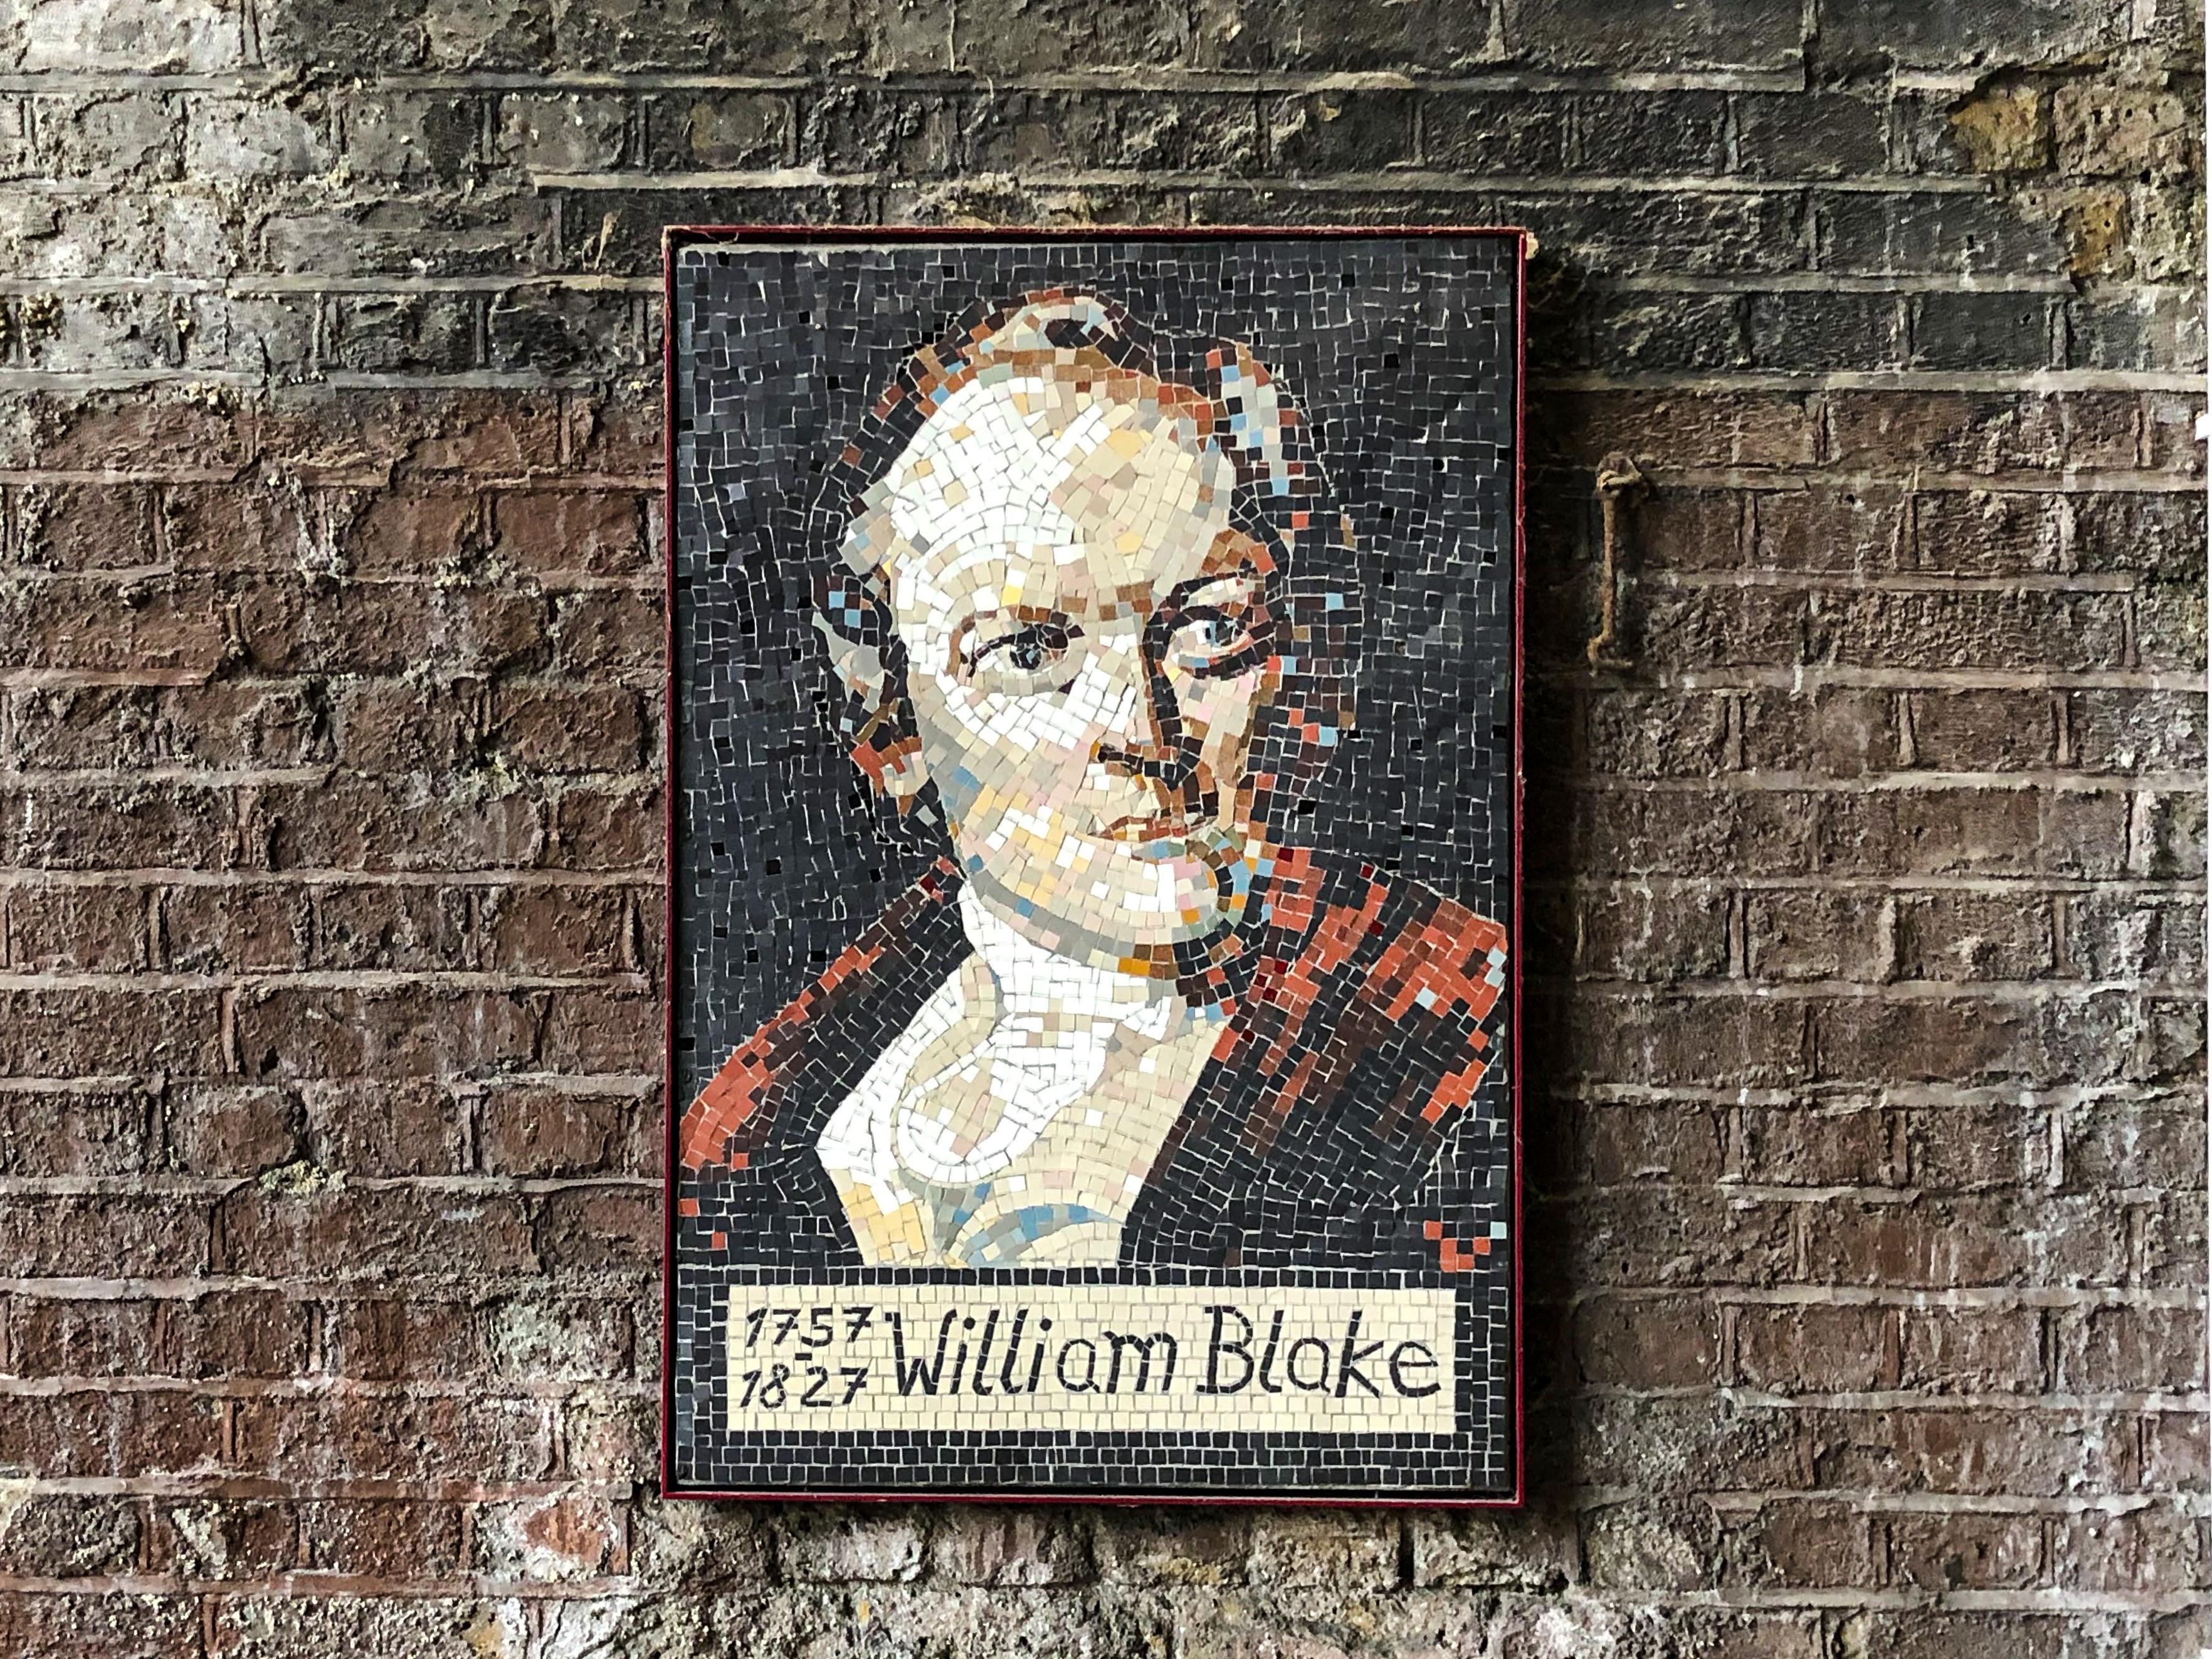 William Blake & Lambeth walking tour